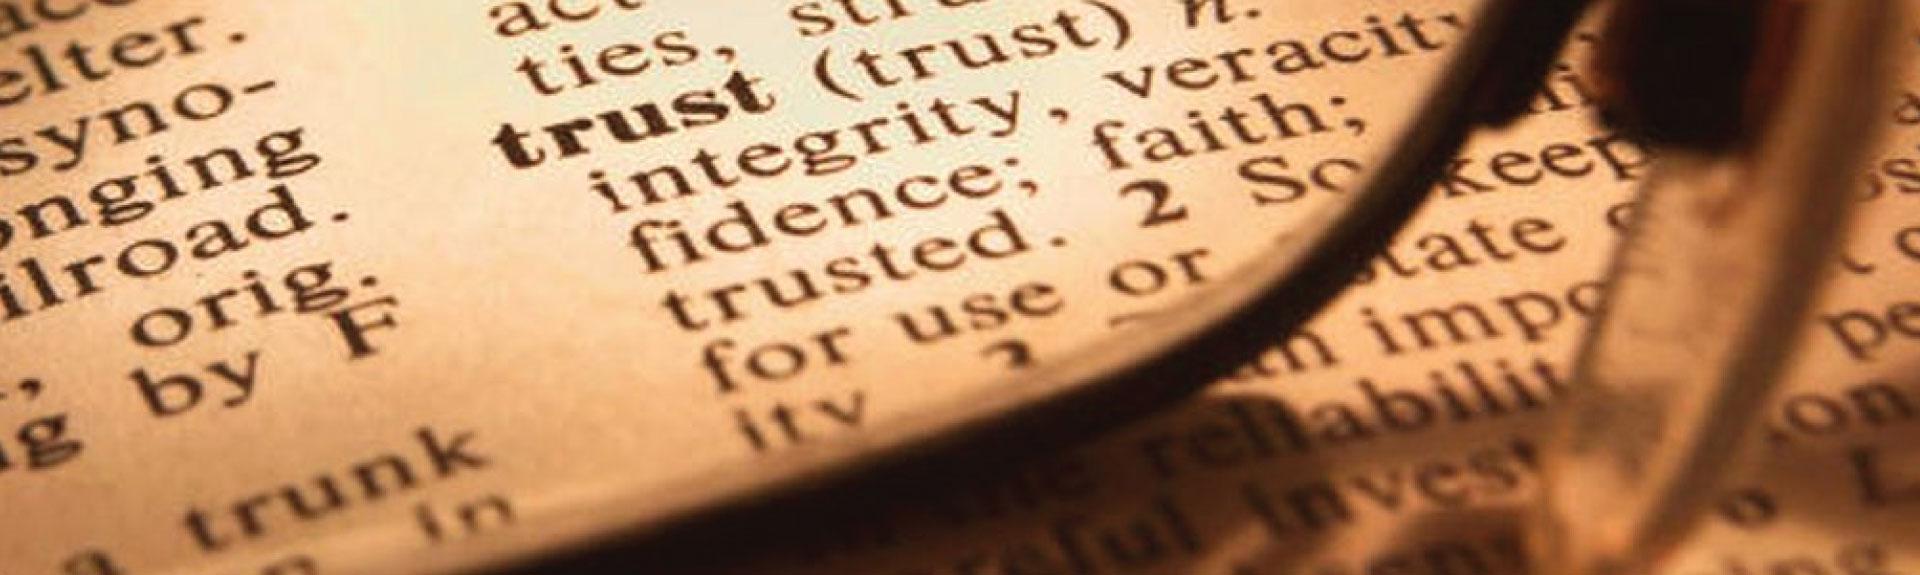 """Fiducia o affidabilità? Le 5 """"promesse social"""" delle imprese"""